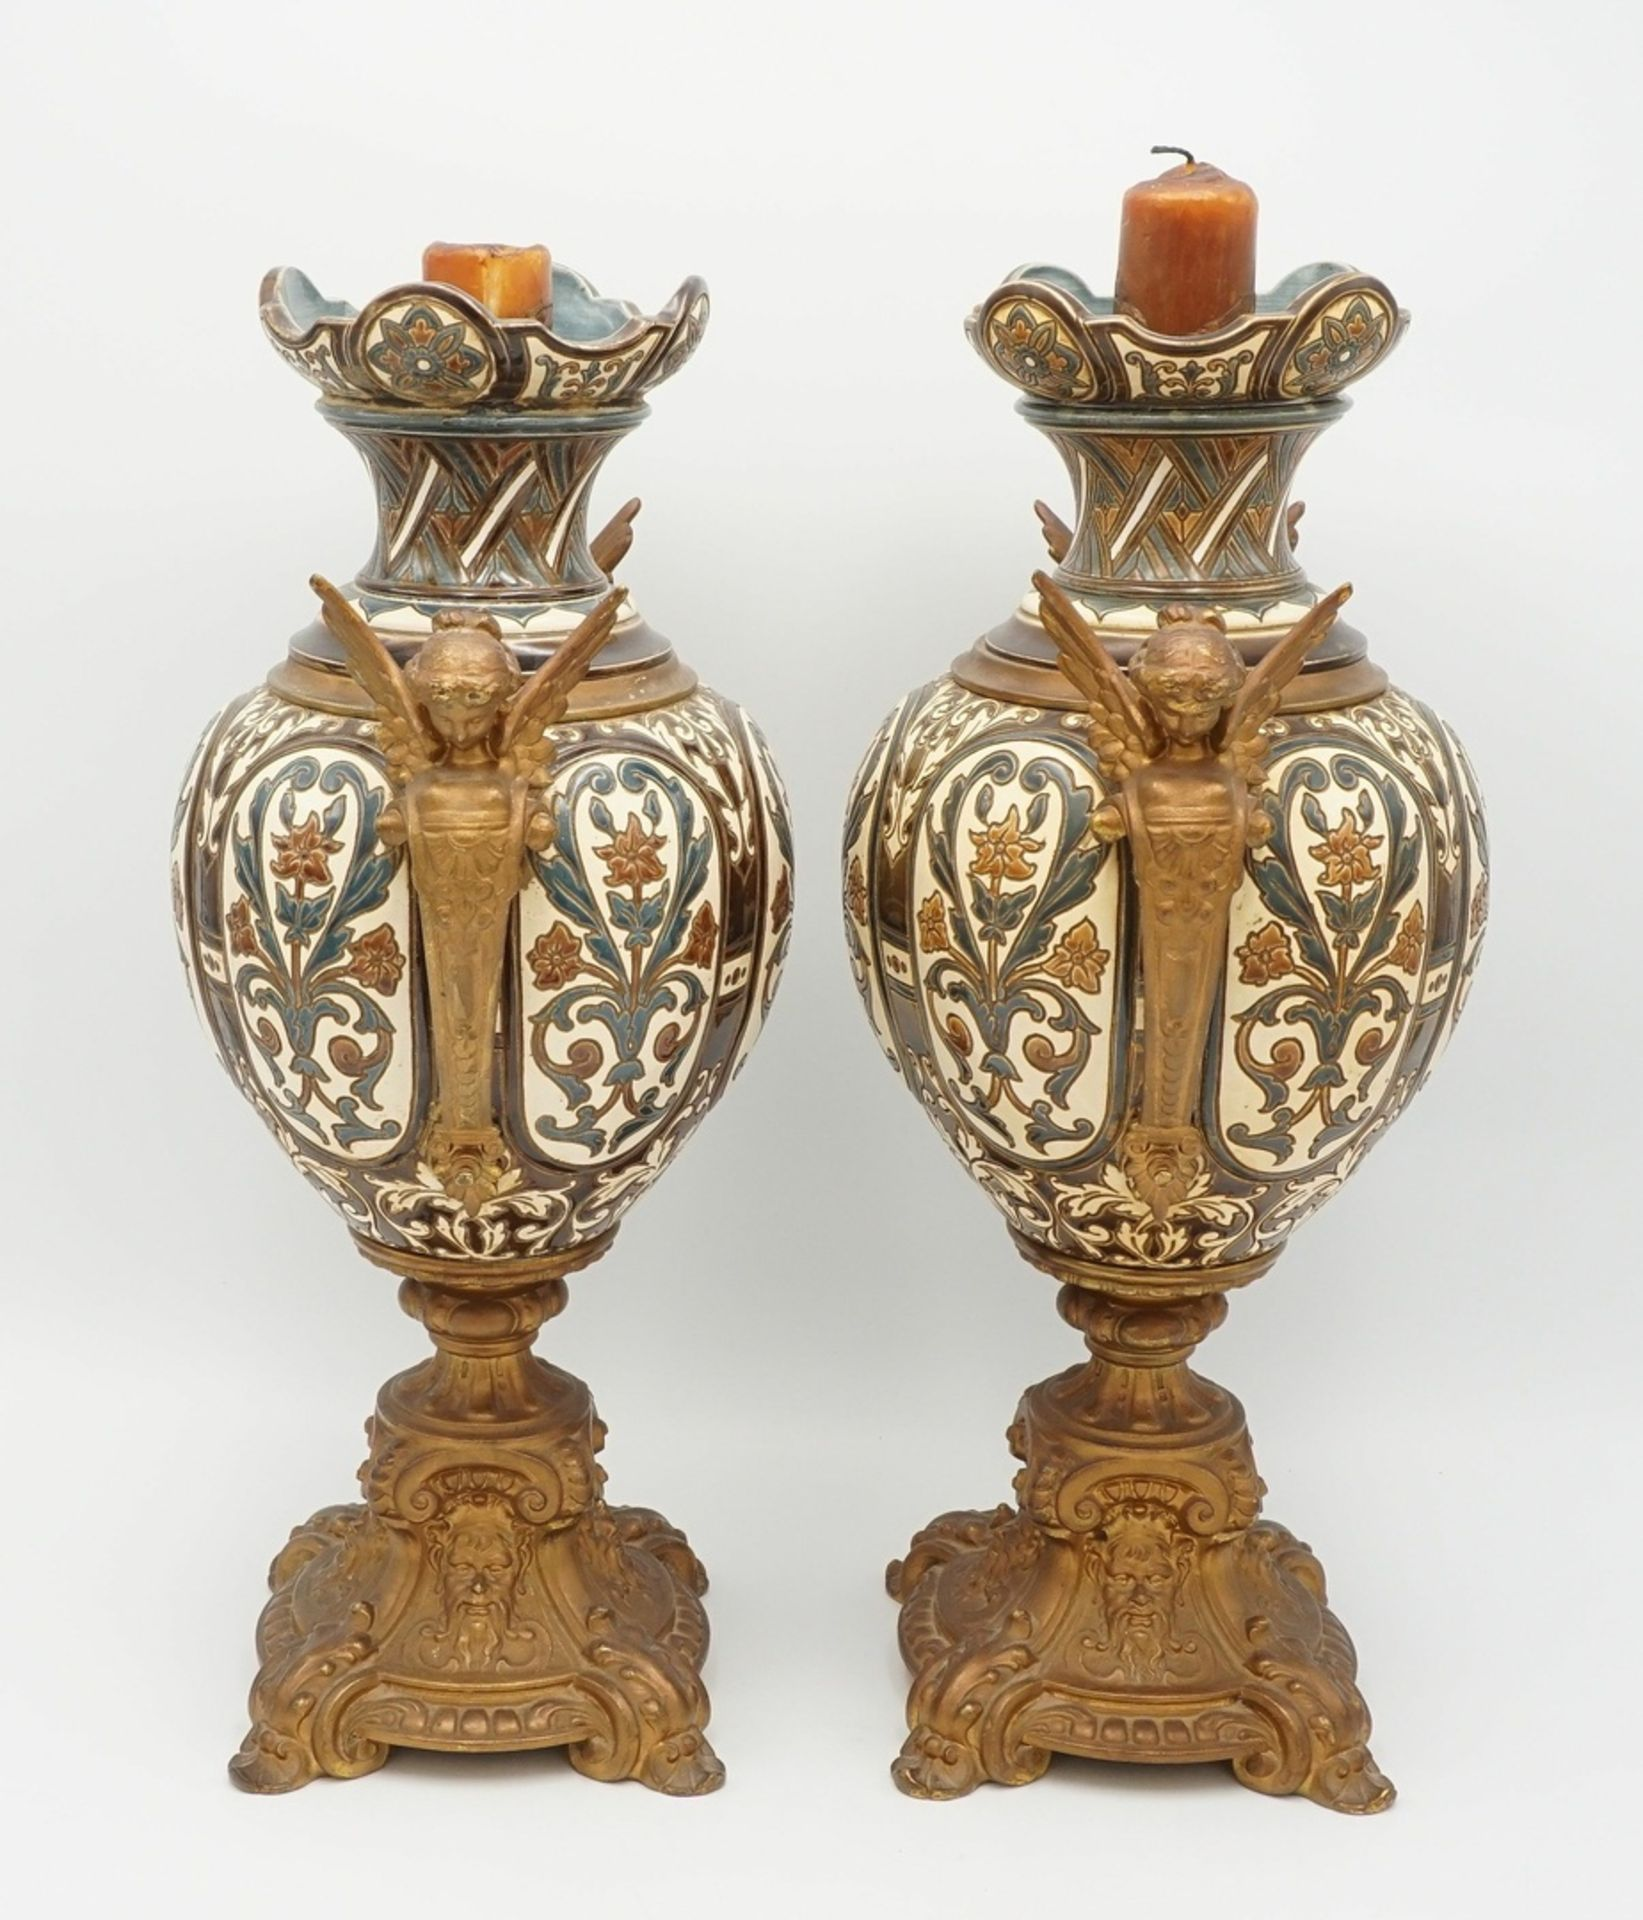 Zwei Kaminaufsätze, Historismus - Bild 2 aus 6